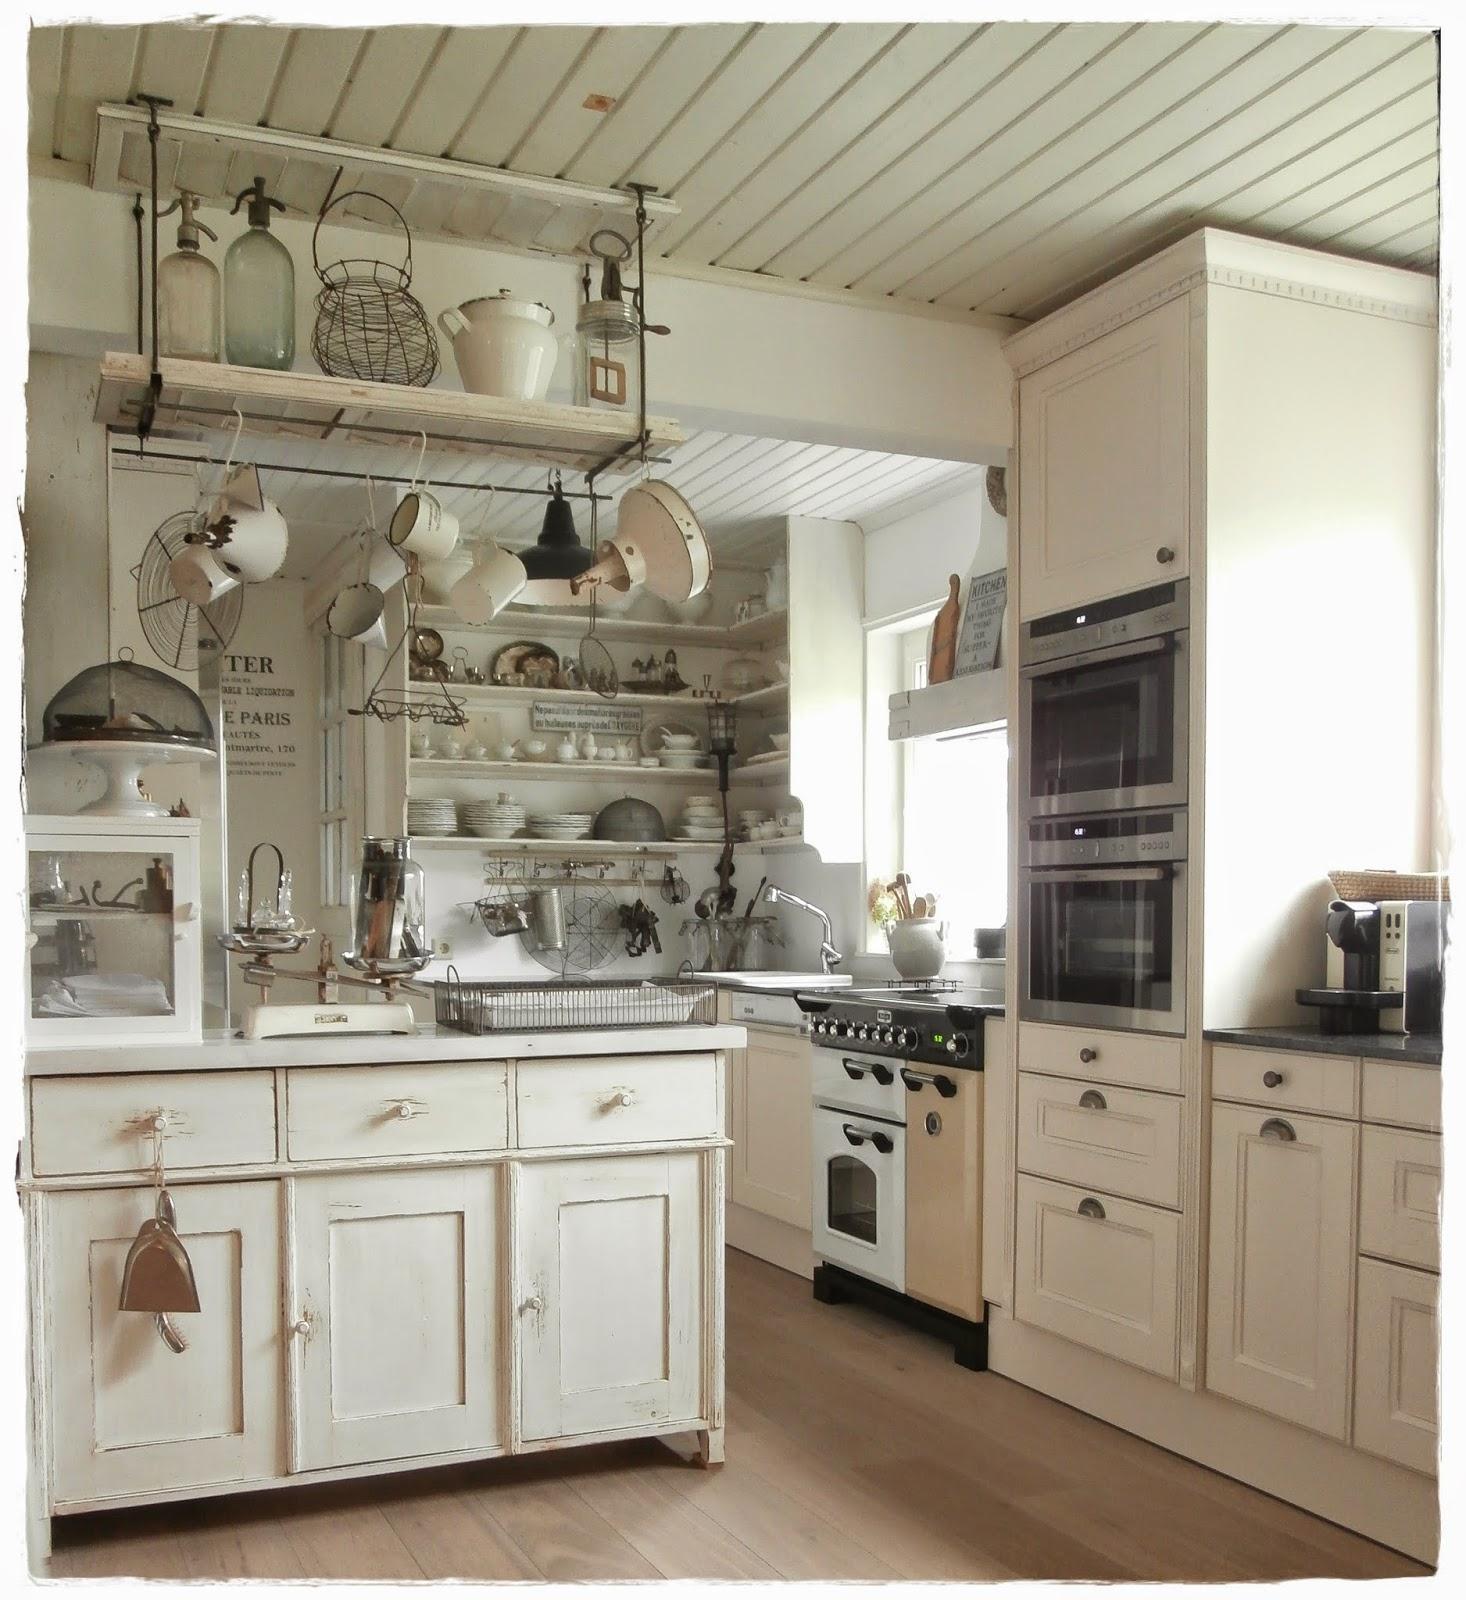 alte kommode dekorieren innenr ume und m bel ideen. Black Bedroom Furniture Sets. Home Design Ideas